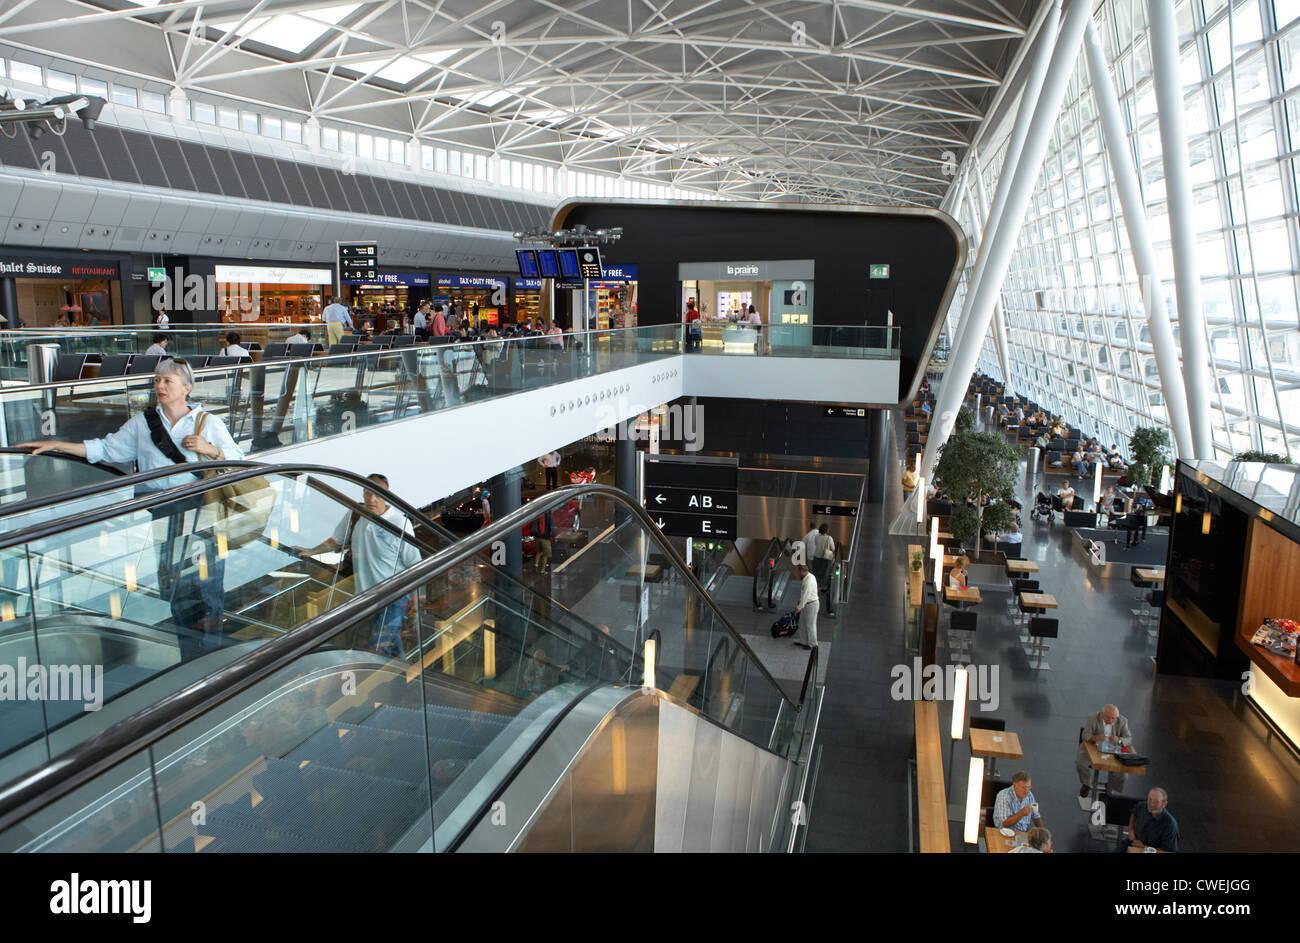 Zurich - Interior view of the Airside Center Kloten Airport - Stock Image